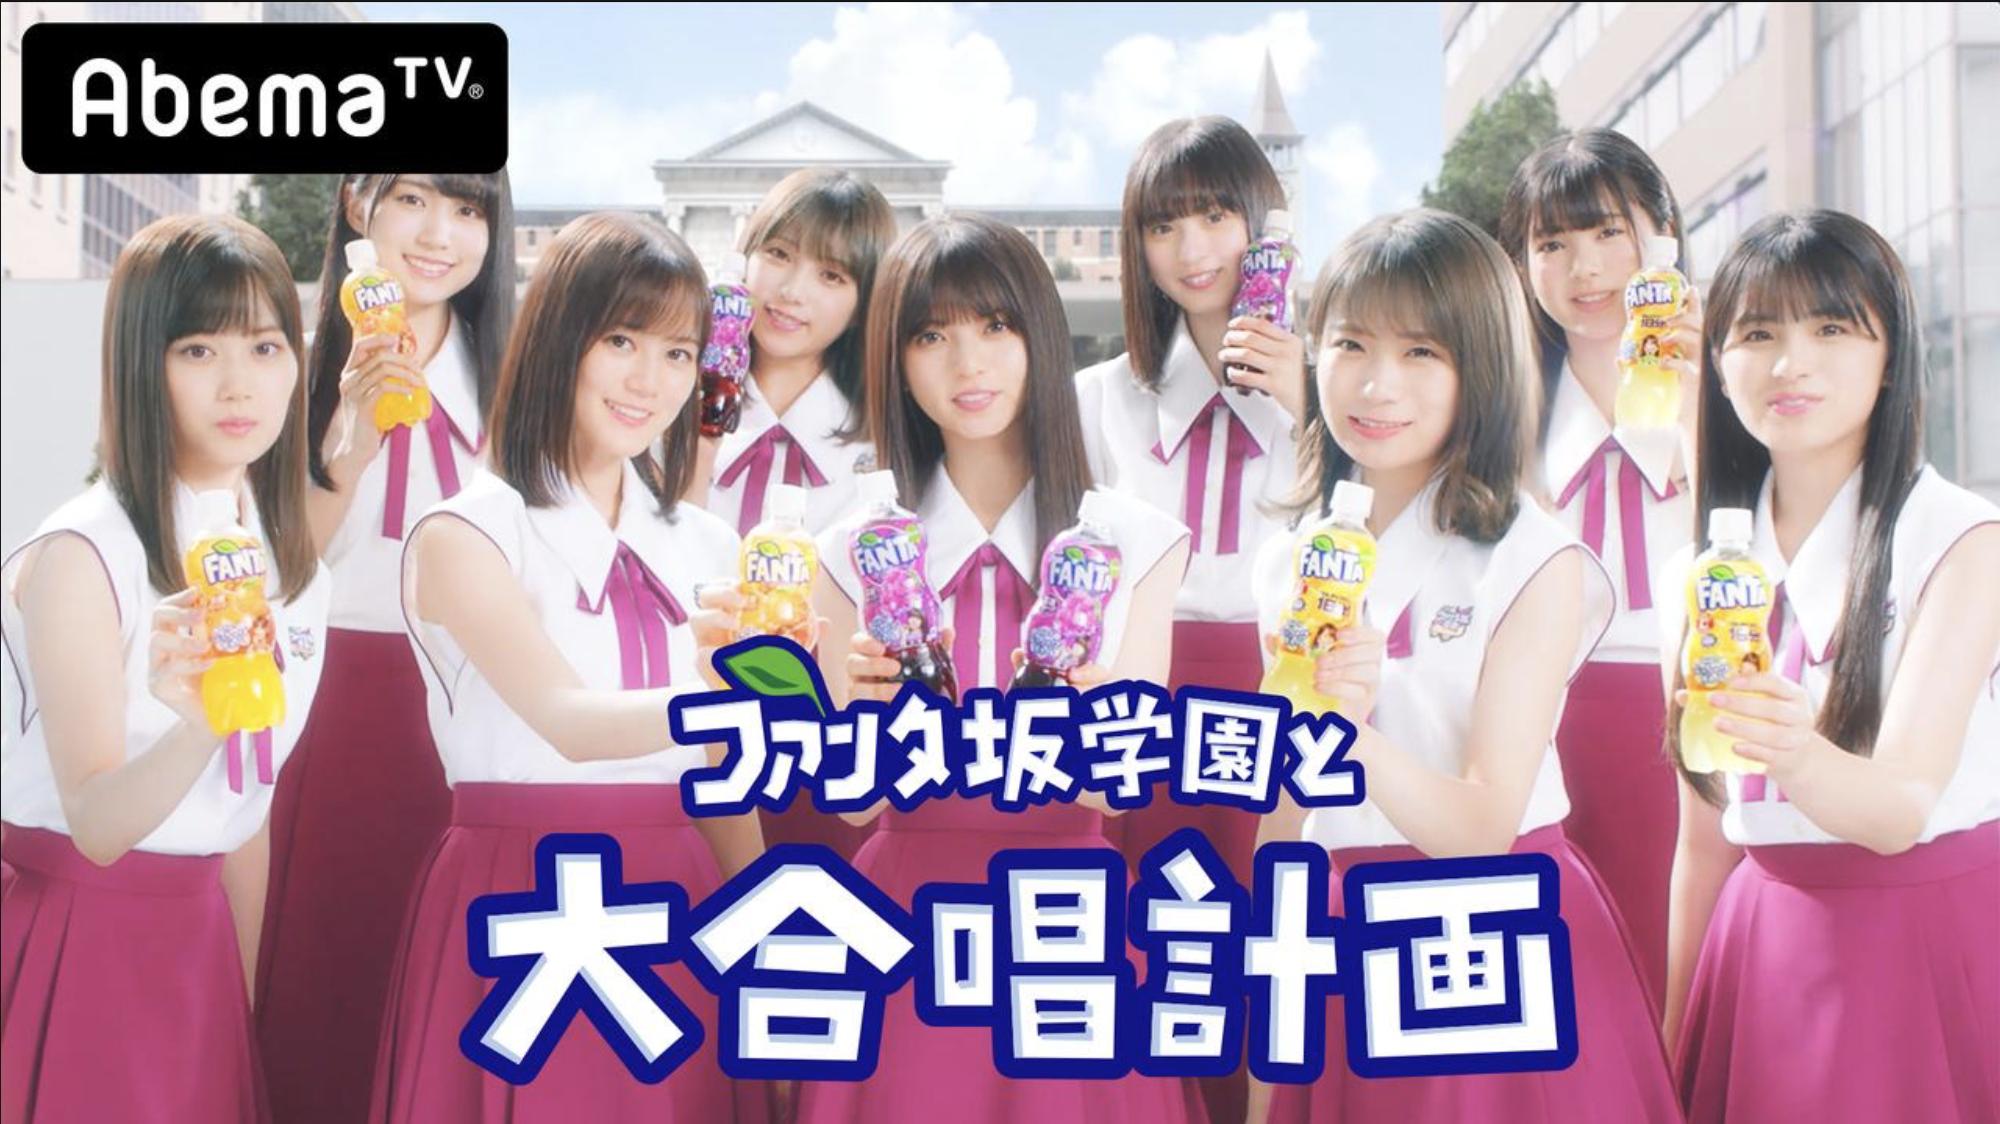 7月16日(火)19:00 O.A. <br>AbemaTV<br>「ファンタ坂学園と大合唱計画」